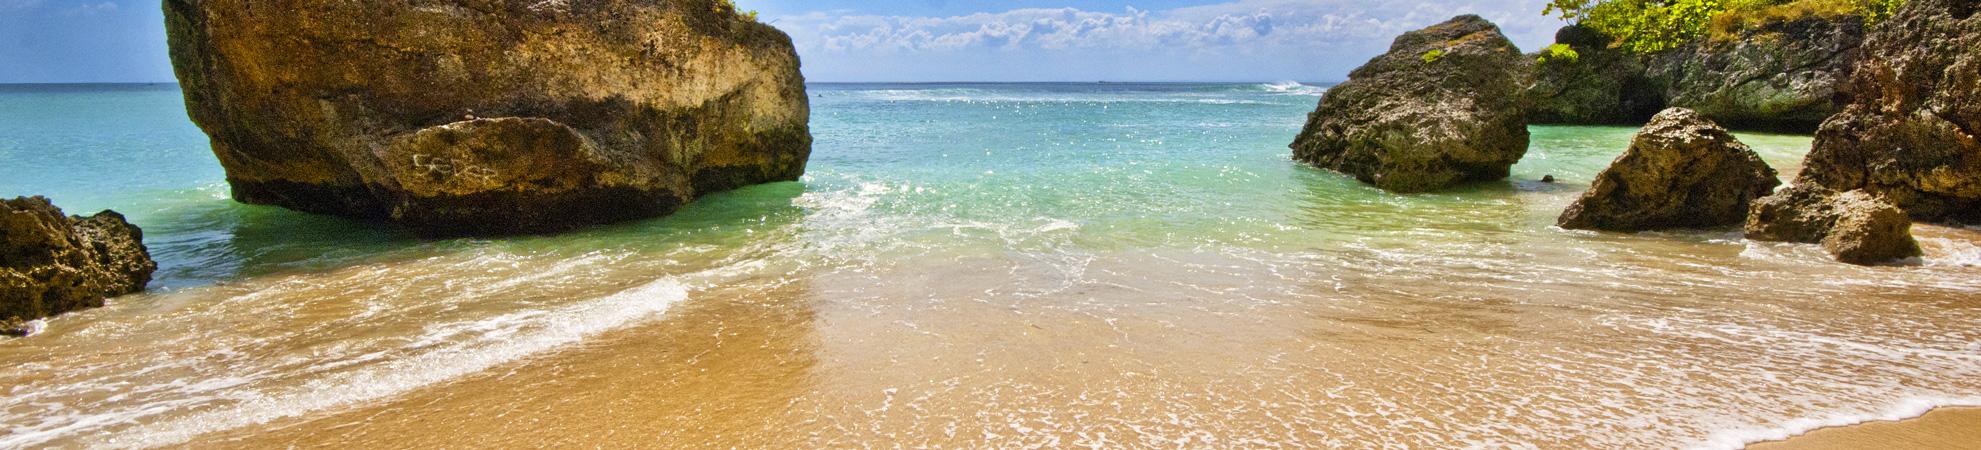 Top 10 des vacances à Bali en famille